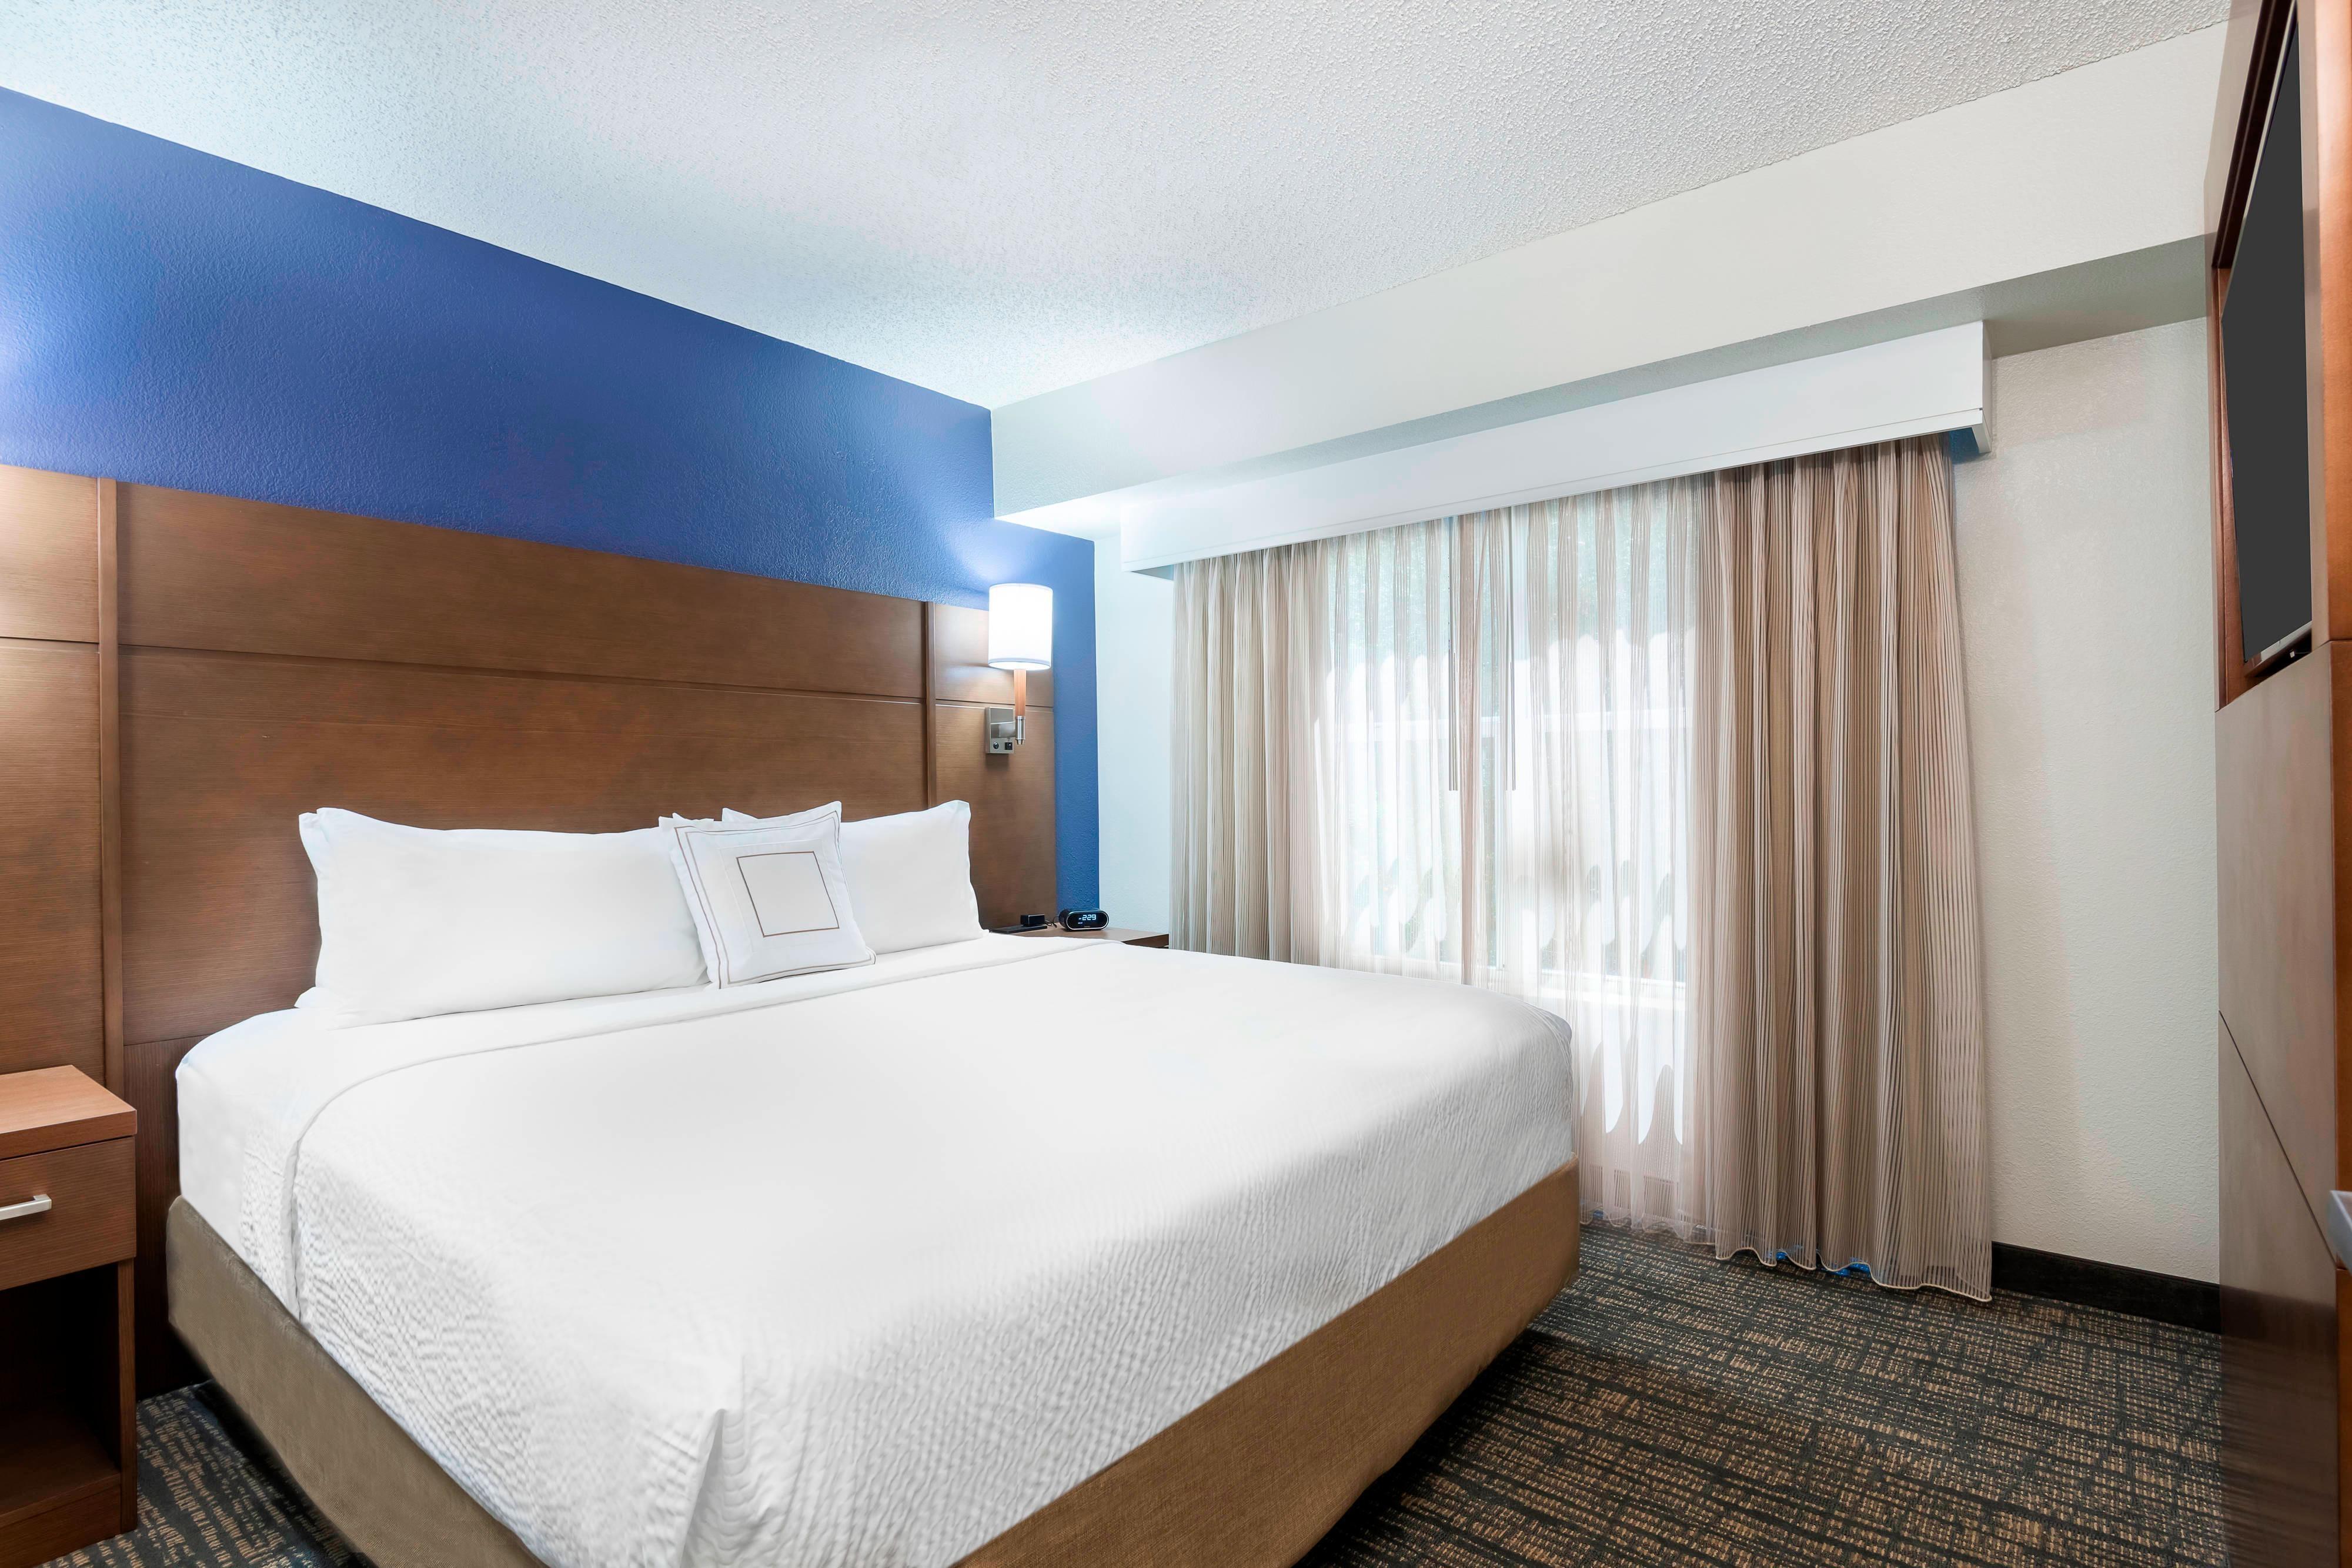 Suite mit zwei Schlafzimmern– Schlafzimmer